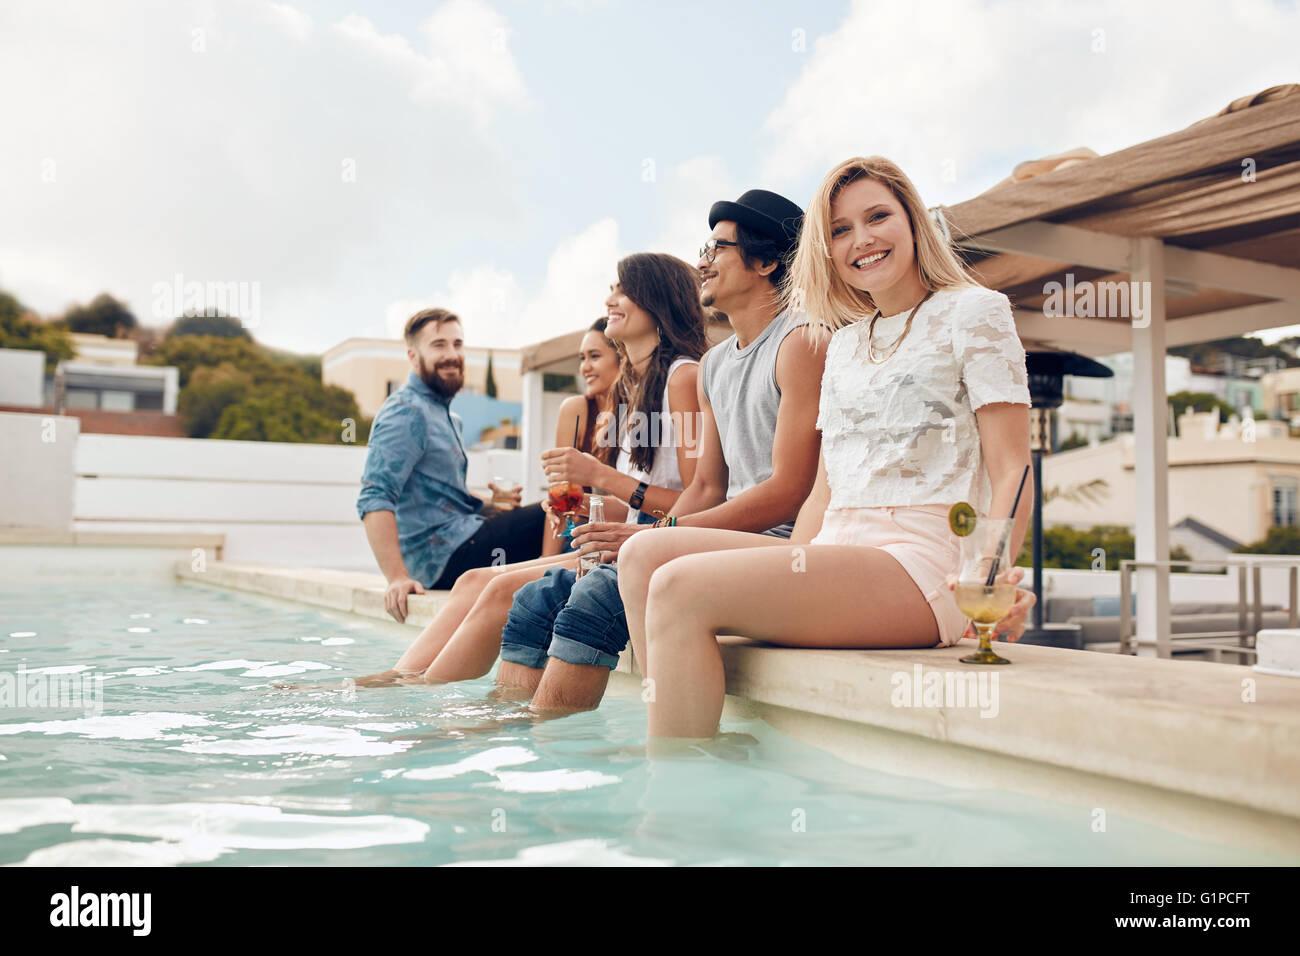 Retrato de mujer joven feliz sentarse en la piscina con sus amigas de fiesta. Los jóvenes relajándose Imagen De Stock